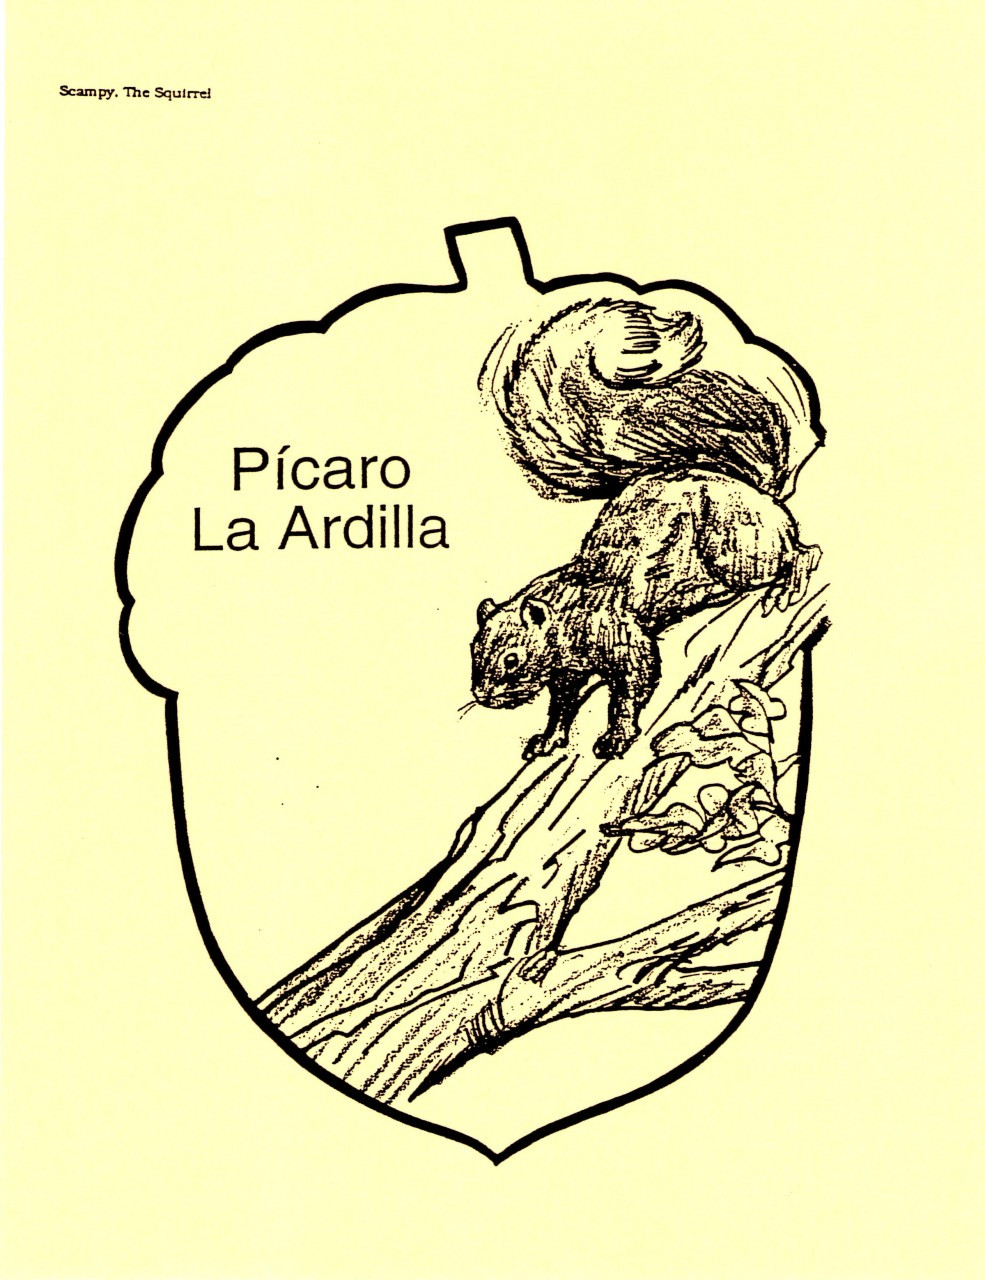 Picaro La Ardilla (Scampy The Squirrel)